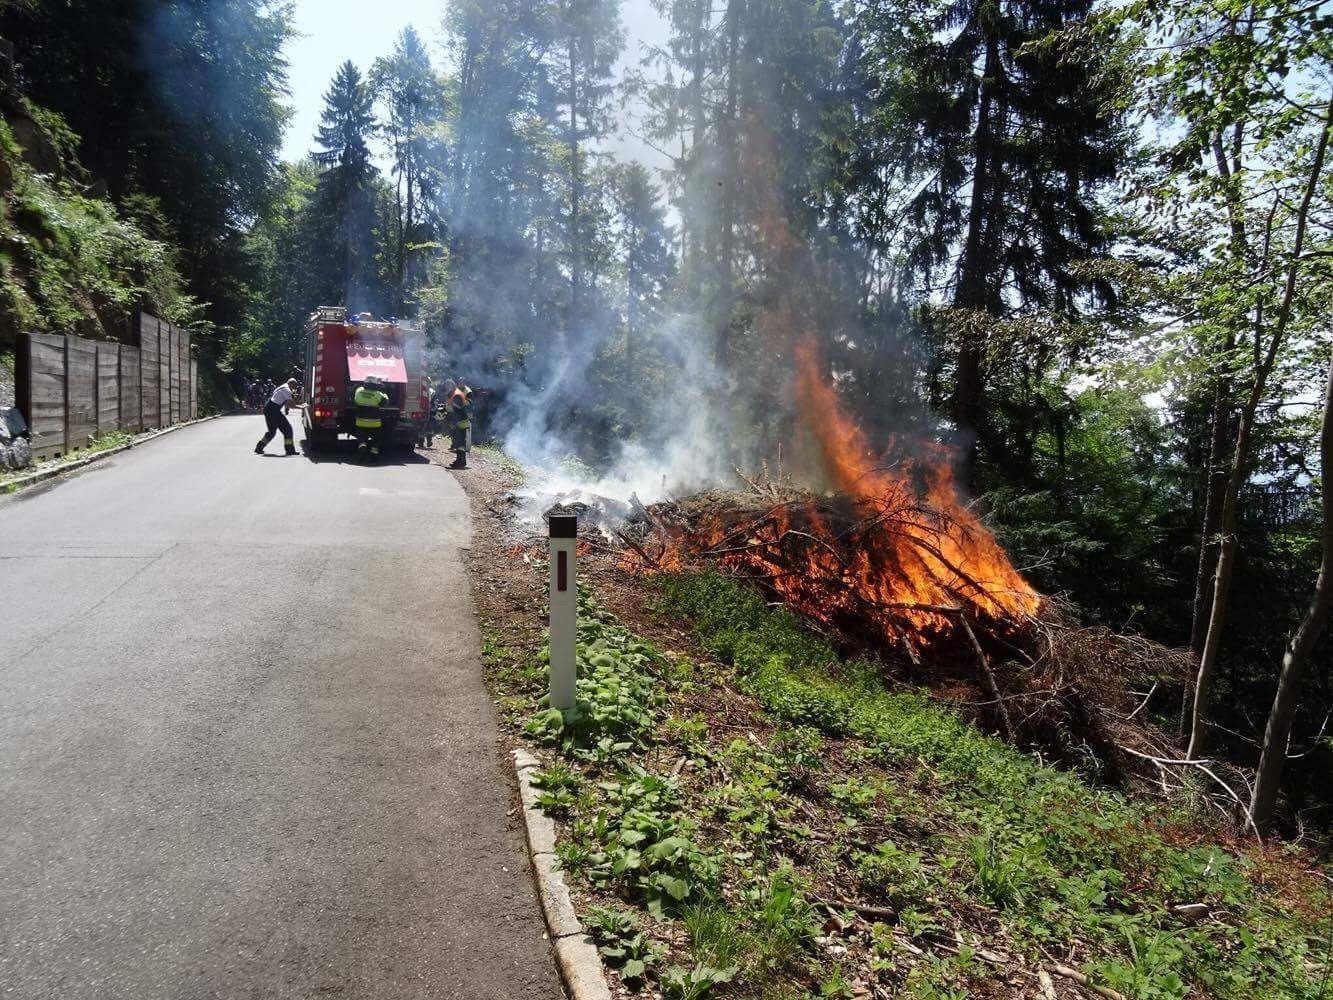 Feuerwehr schließt Brandstiftung nicht aus.